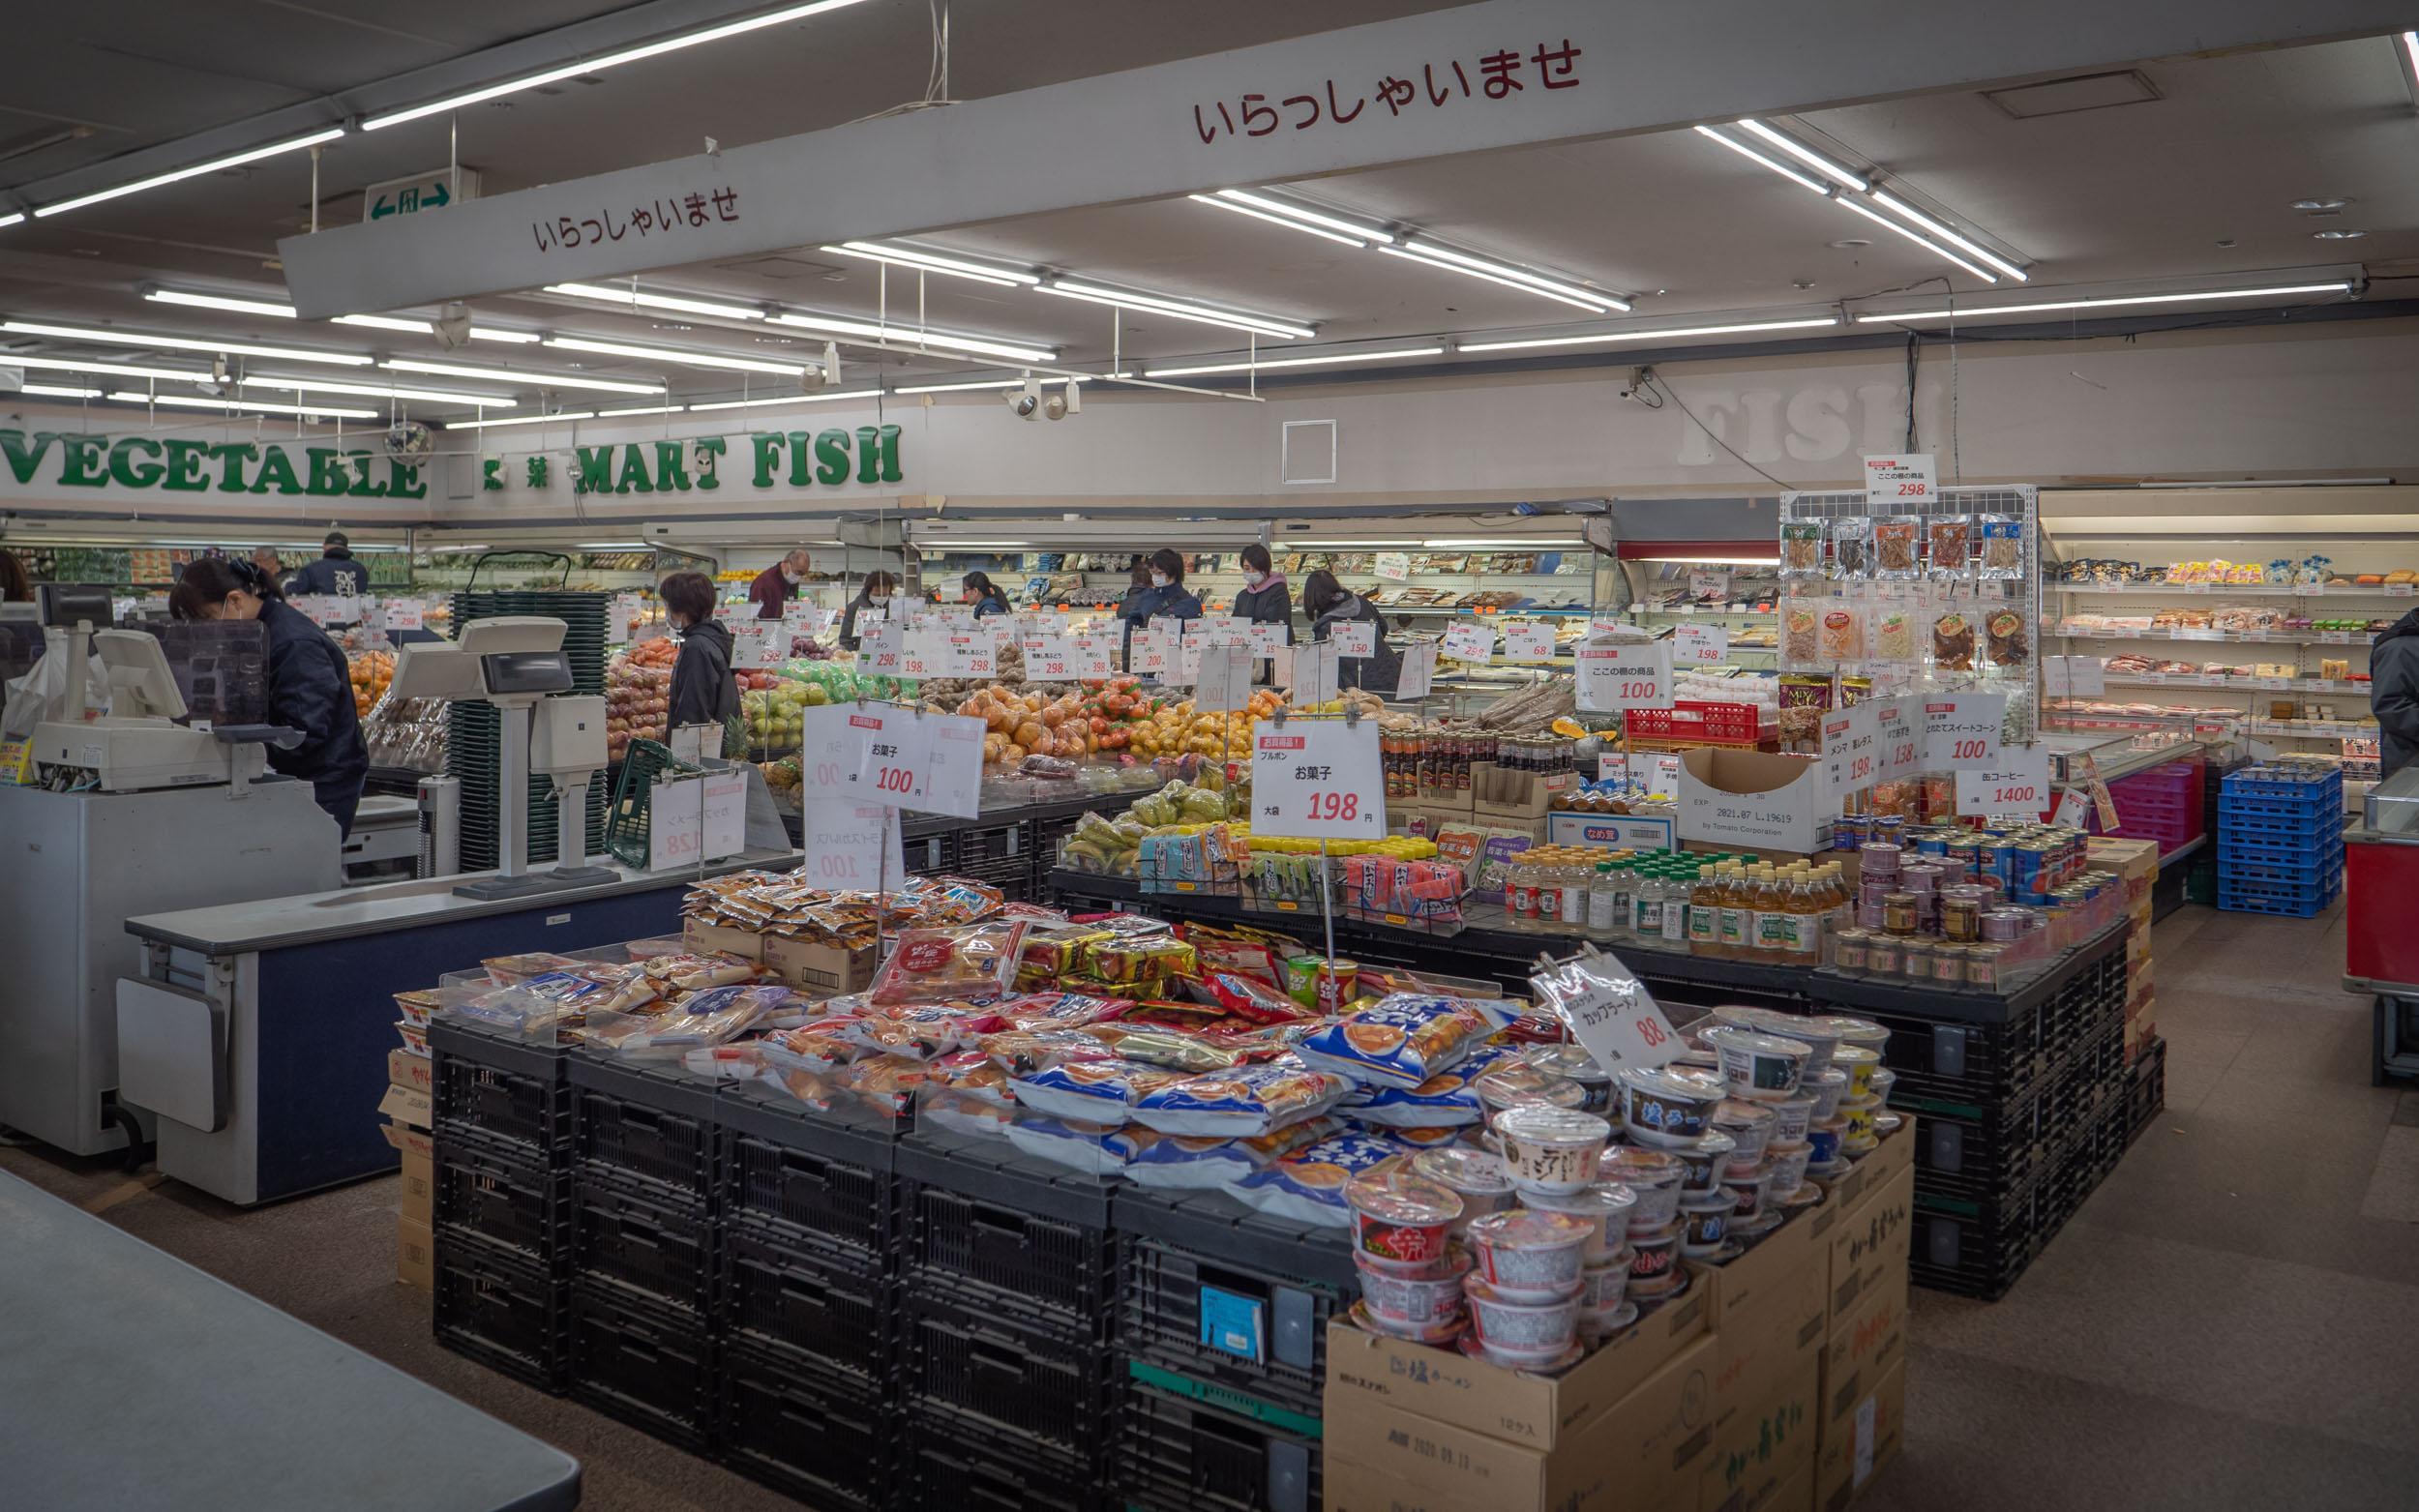 深澤青果 本郷市場店の店内の様子 DMC-GX8 + LEICA DG 12-60mm